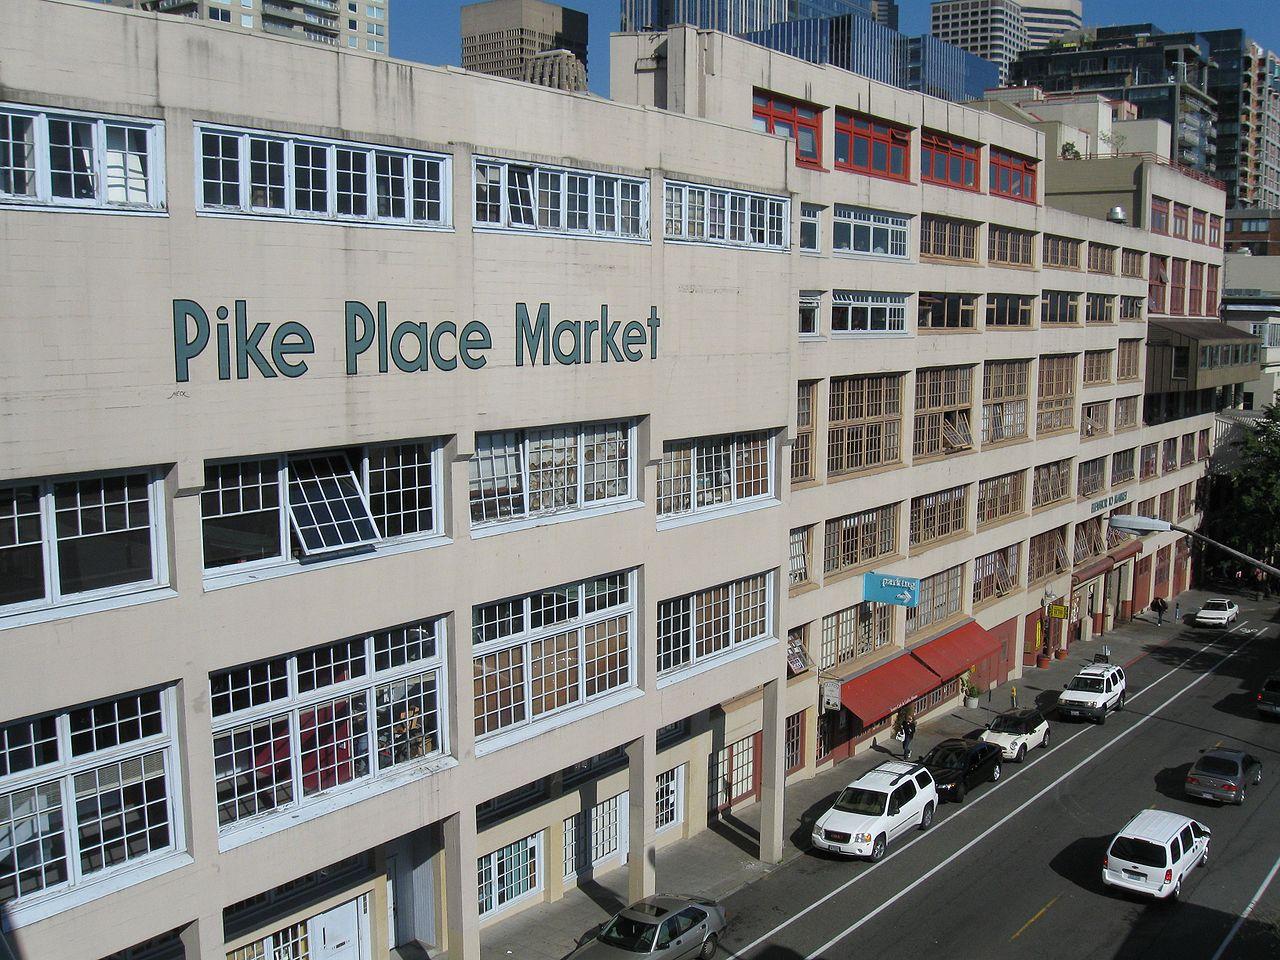 Вид на Пайк-Плейс-маркет